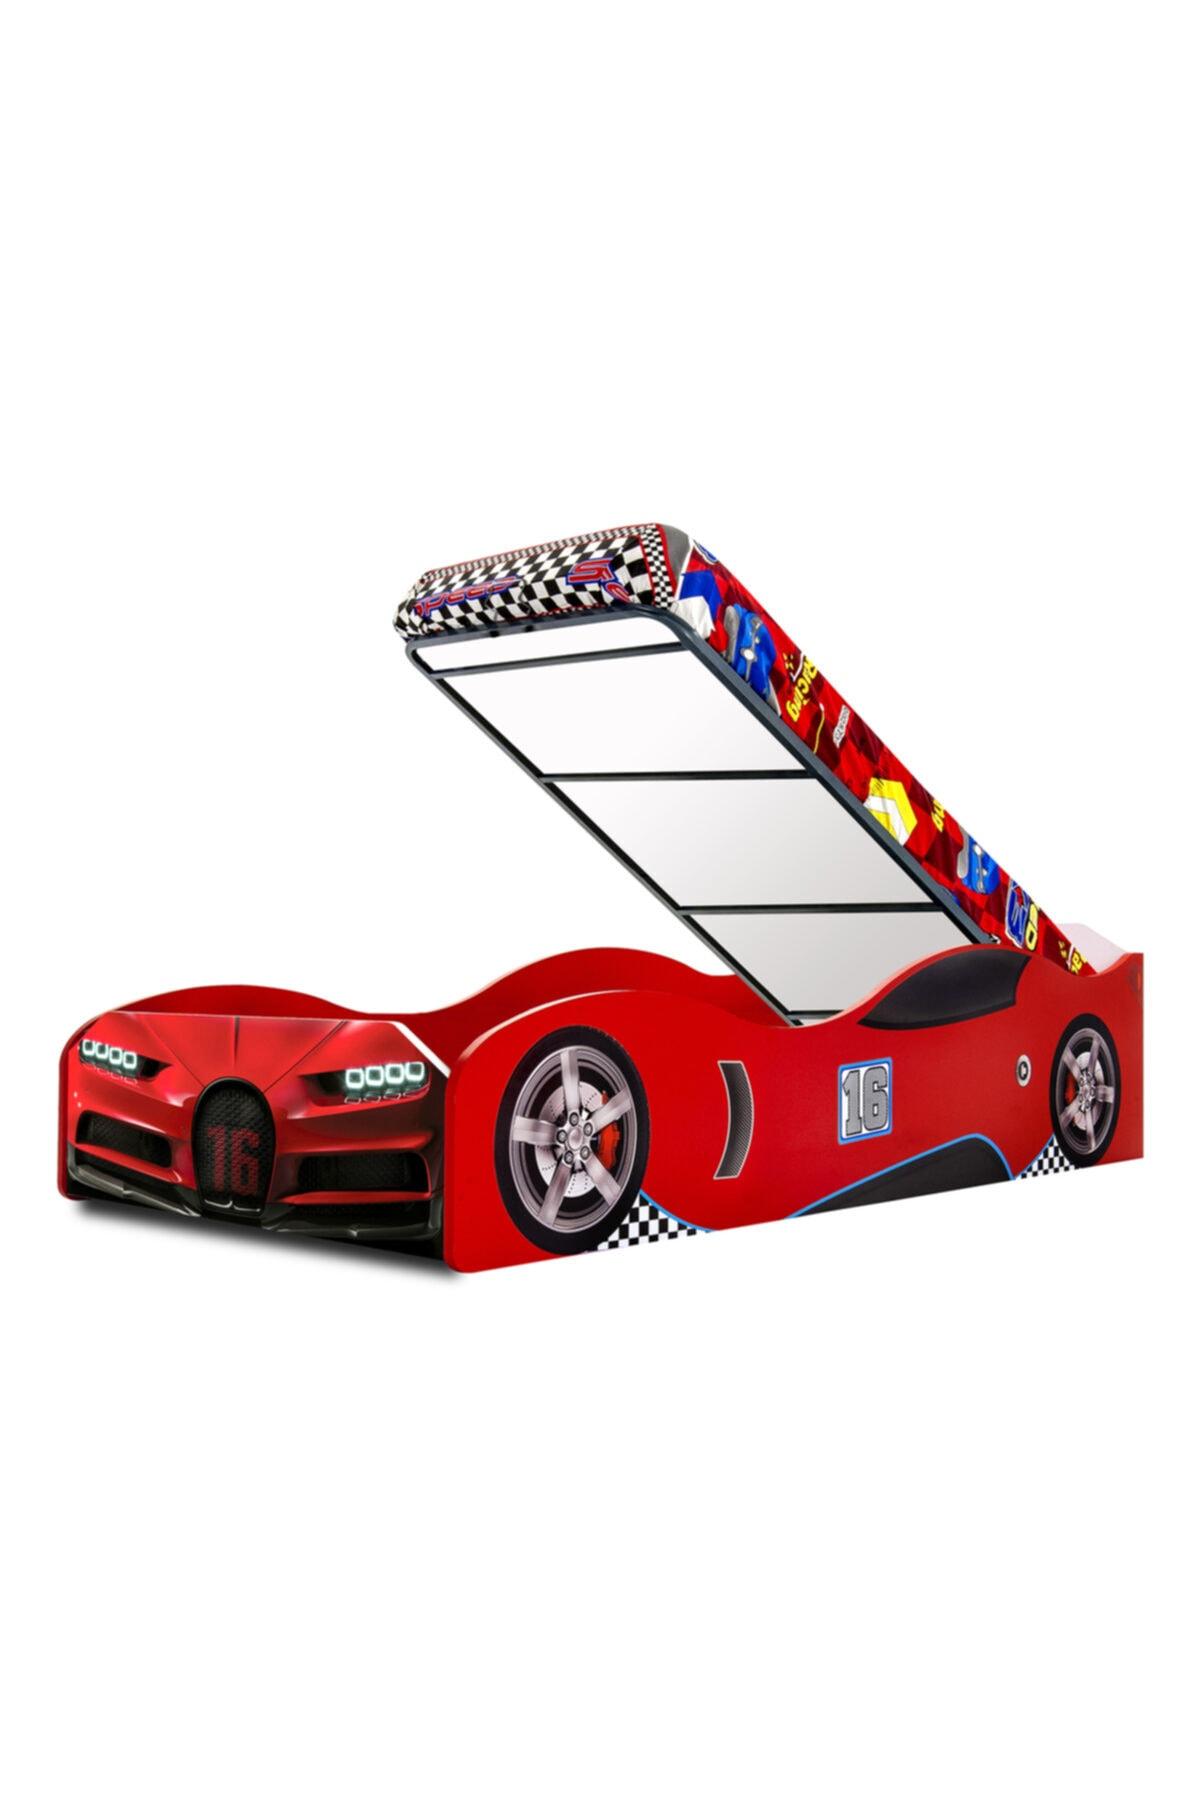 S1 - Bmw - Eko - Arabalı Yatak Araba Karyola - Kırmızı - Bazalı